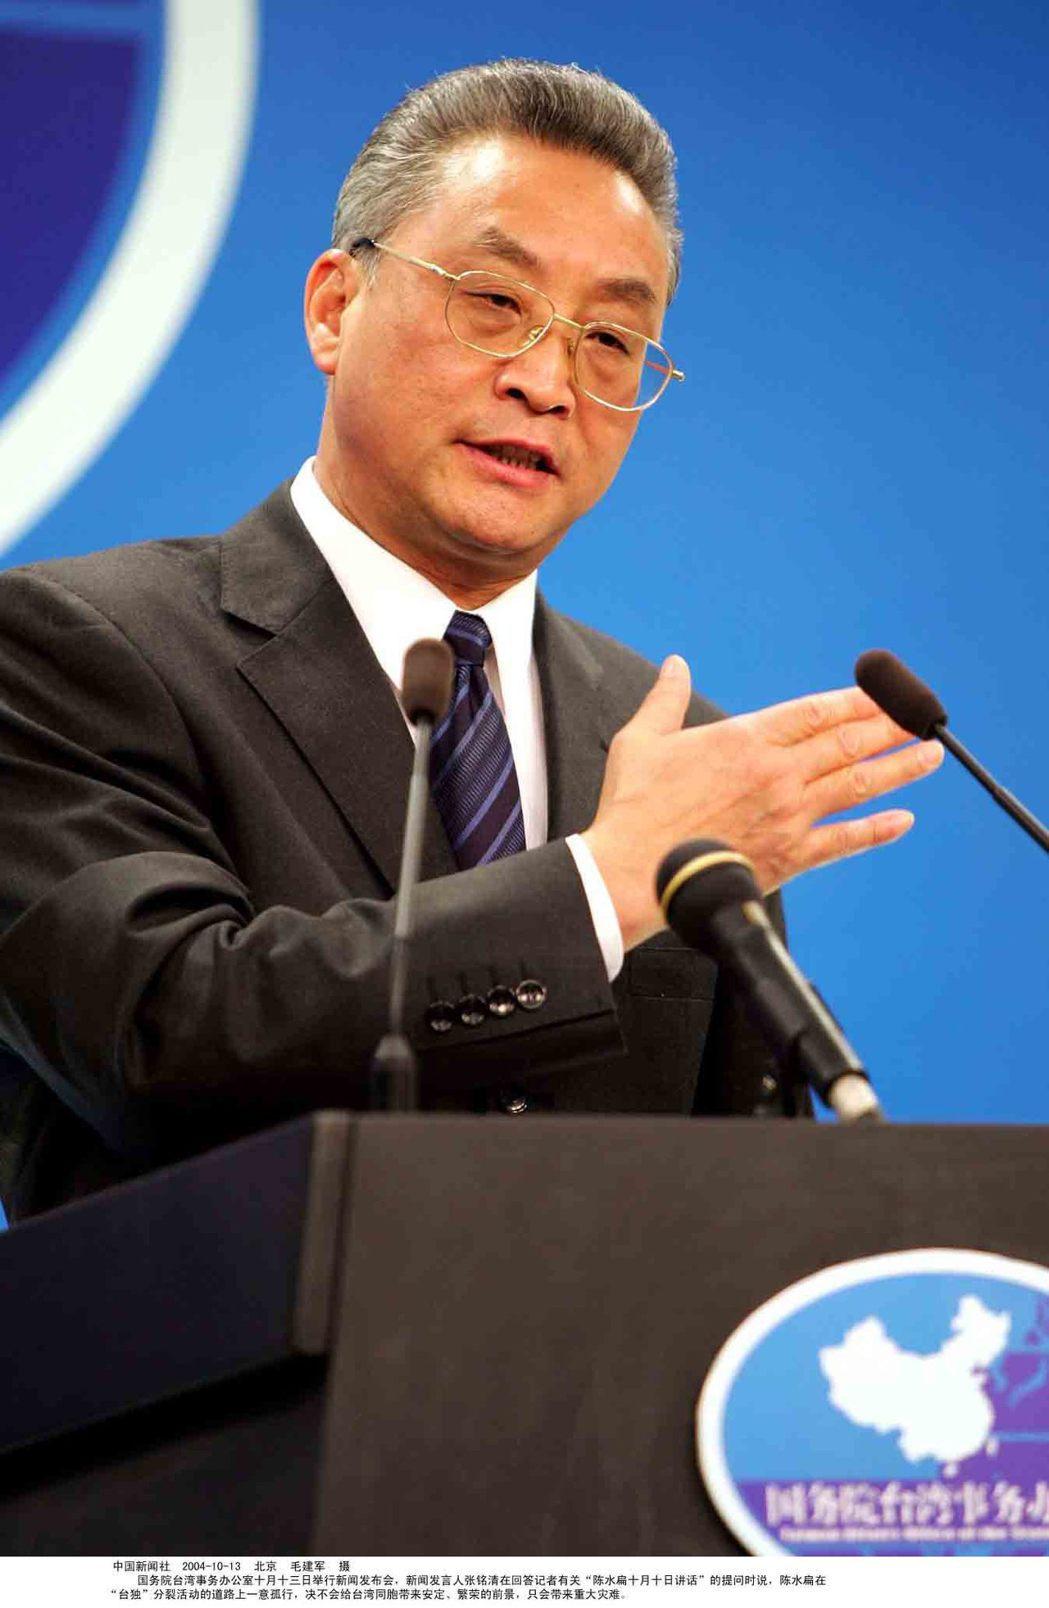 國台辦首任新聞局長張銘清。 (中新社資料照片)